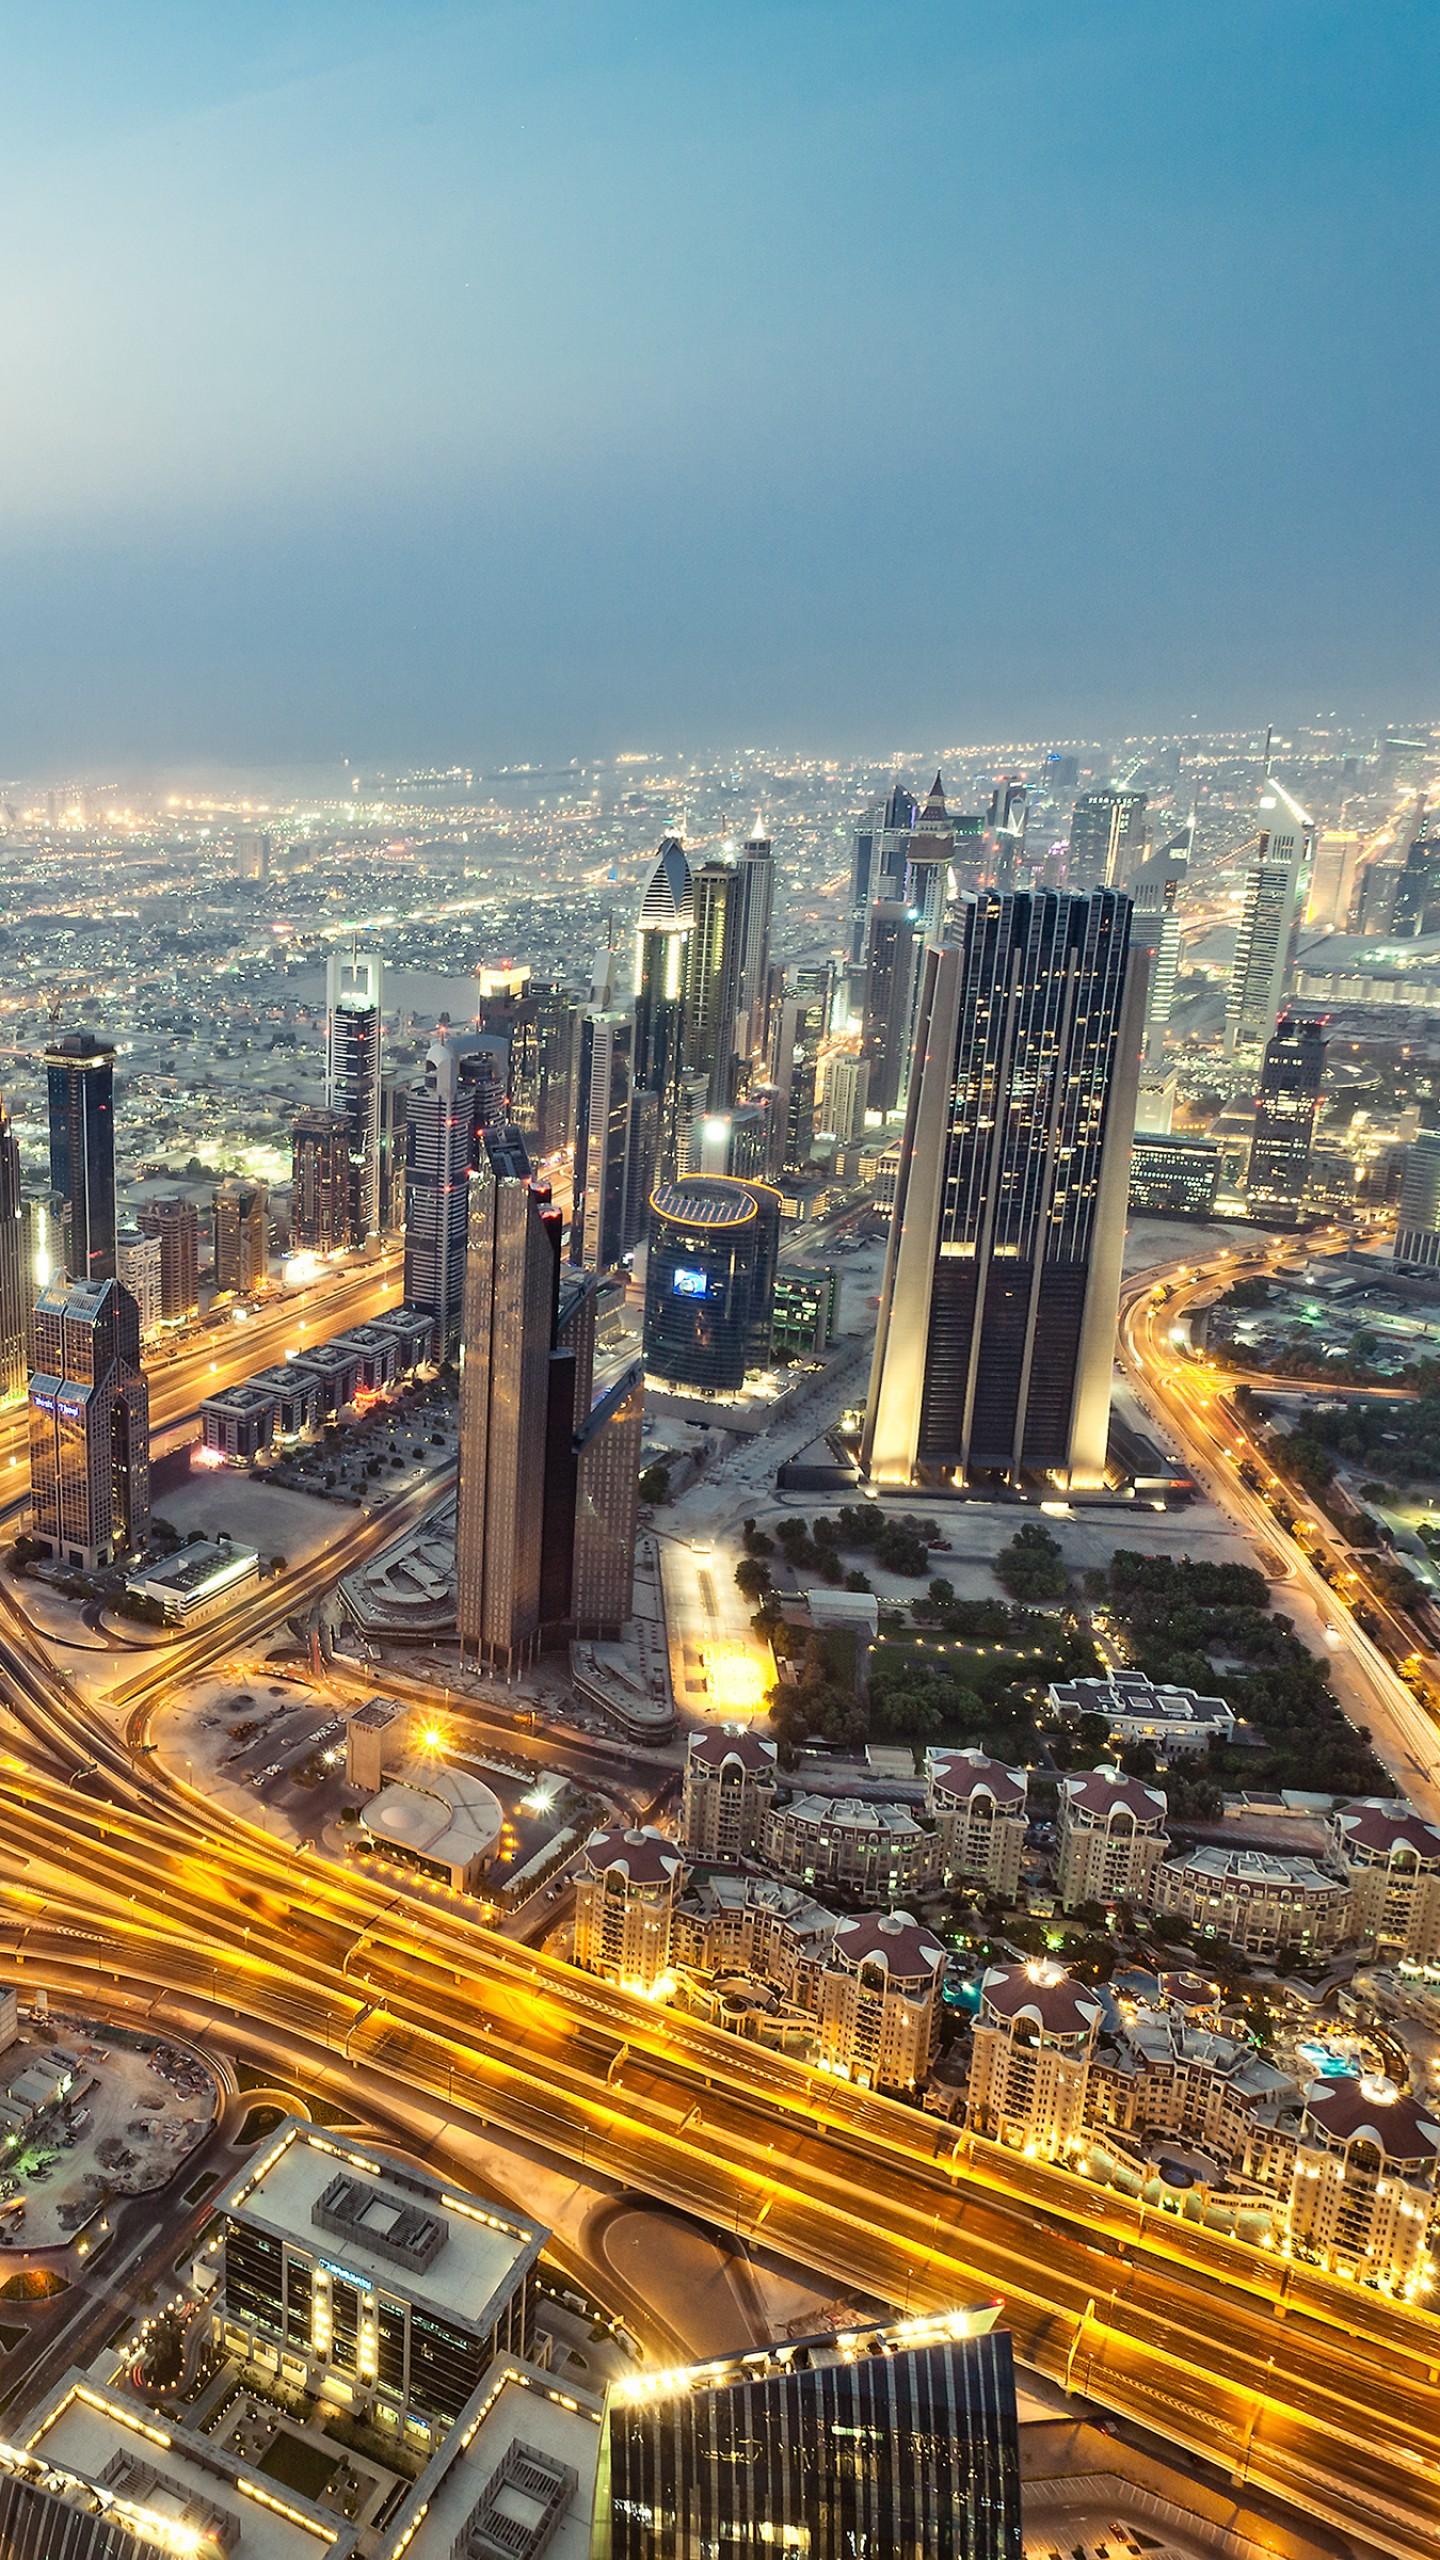 عکس زمینه آسمان خراش های شهر دبی در امارات پس زمینه